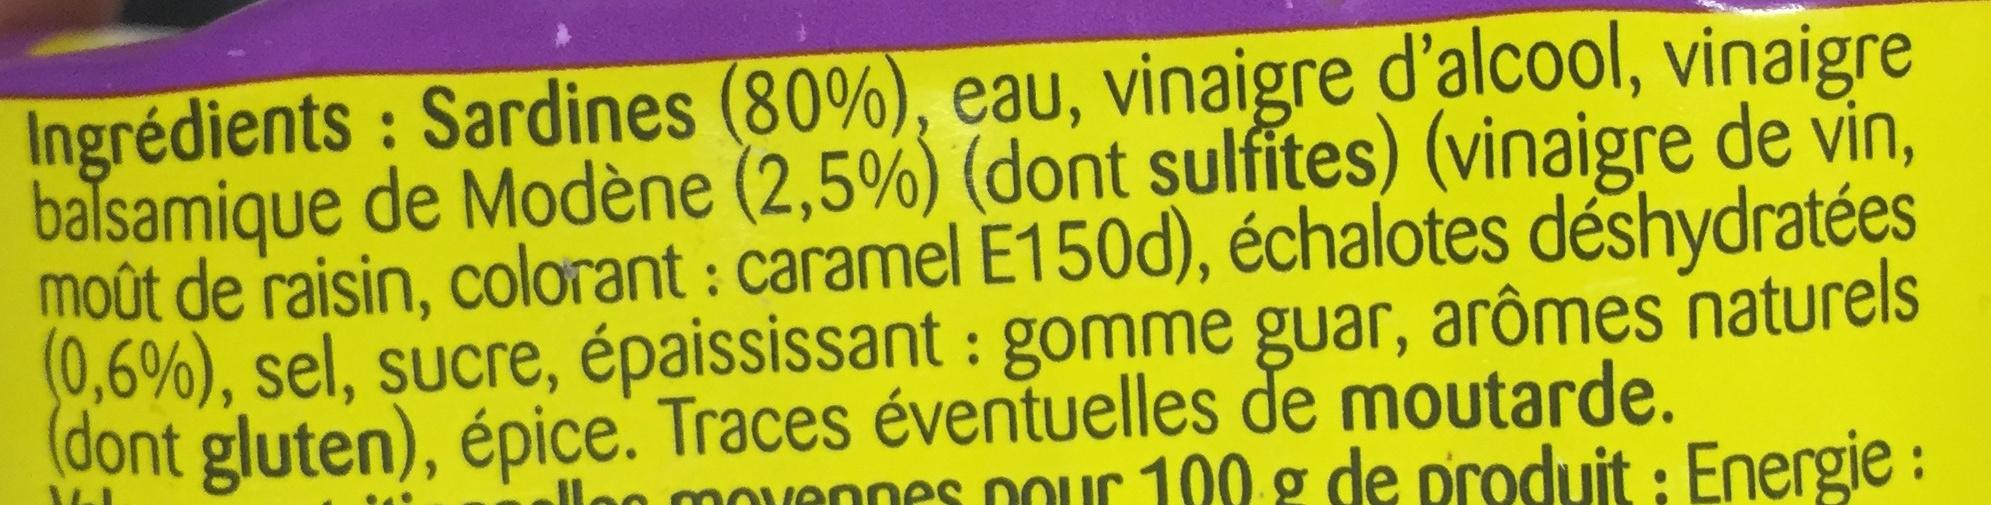 Sardines (Marinade Vinaigre balsamique & Échalote, Sans Huile) - Ingrediënten - fr